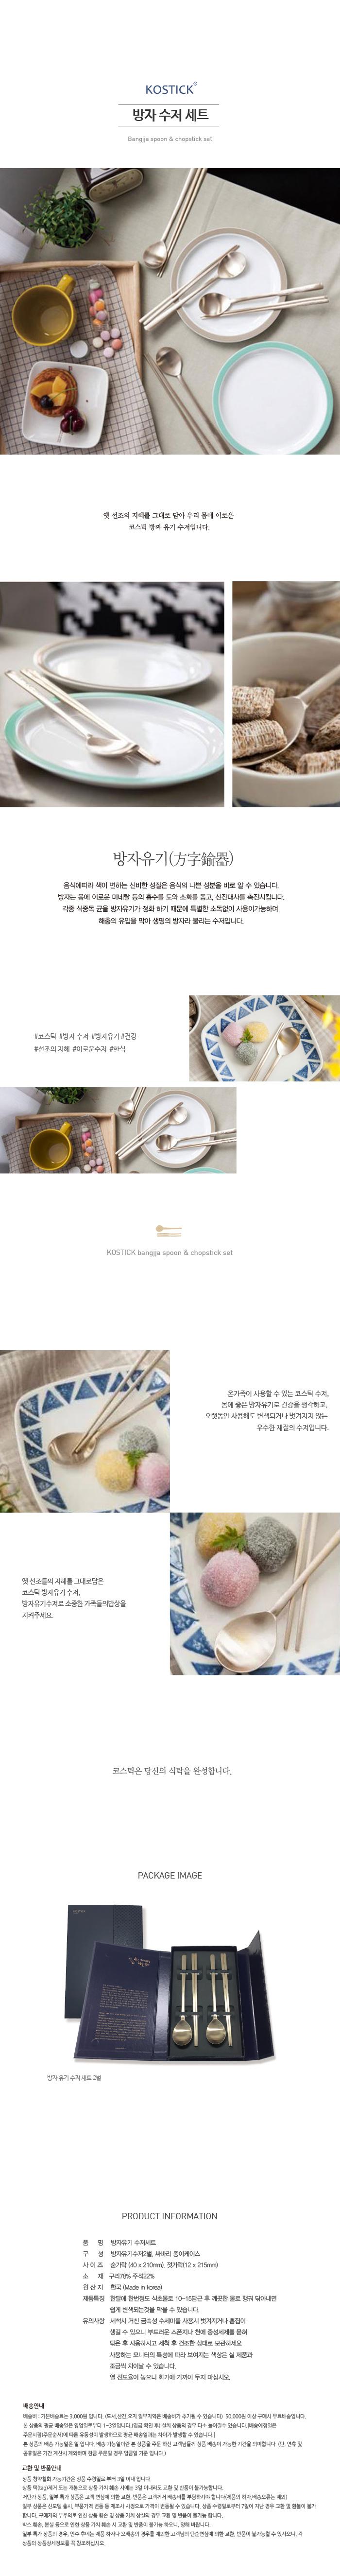 방자유기 수저세트 - 코스틱, 89,100원, 숟가락/젓가락/스틱, 숟가락/젓가락 세트